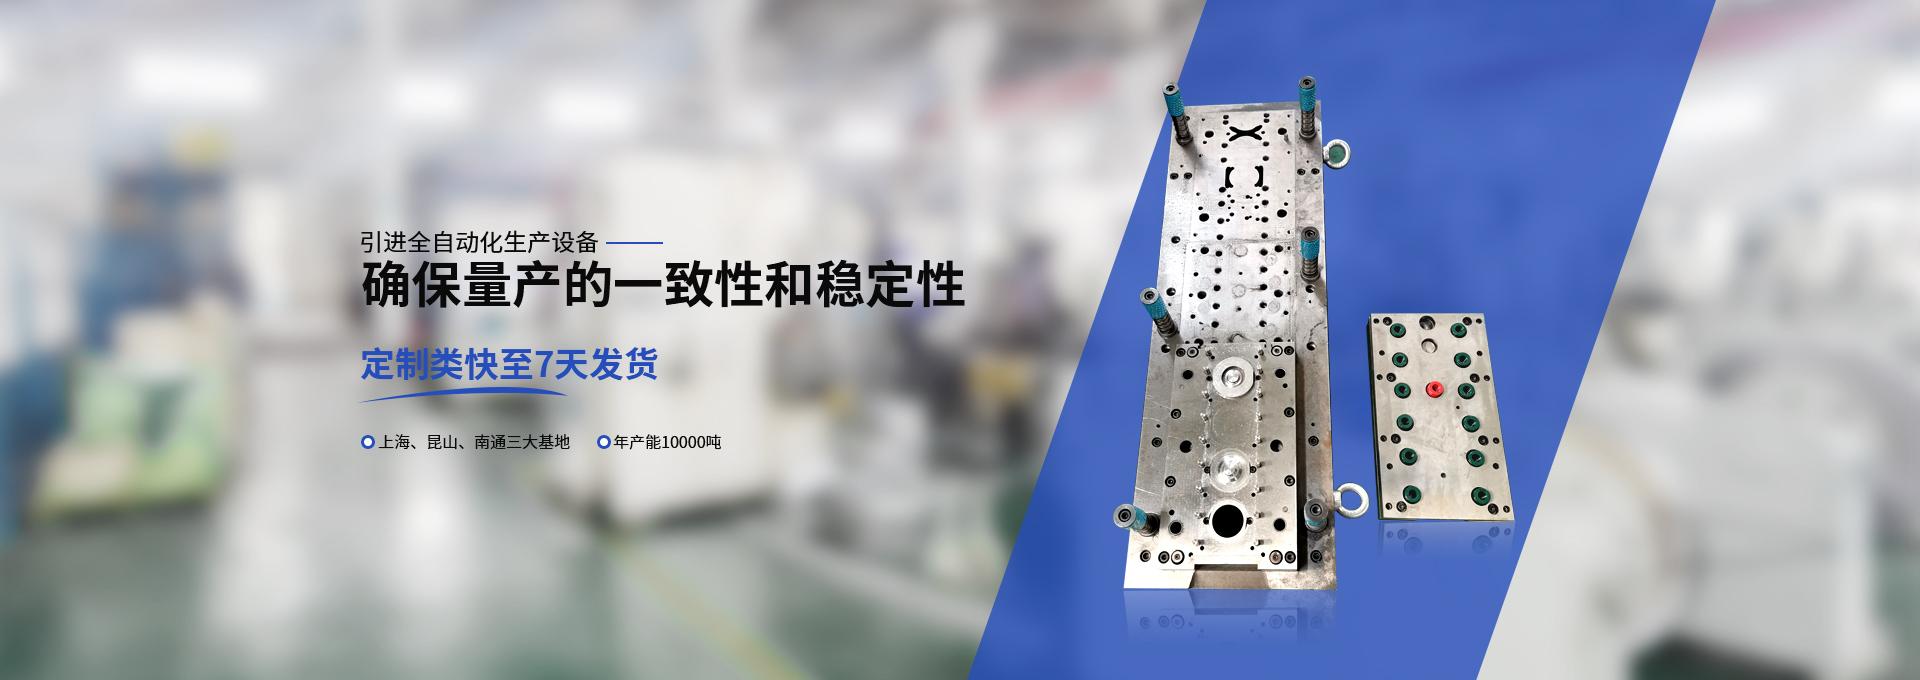 常标引进全自动化生产设备,确保量产的一致性和稳定性